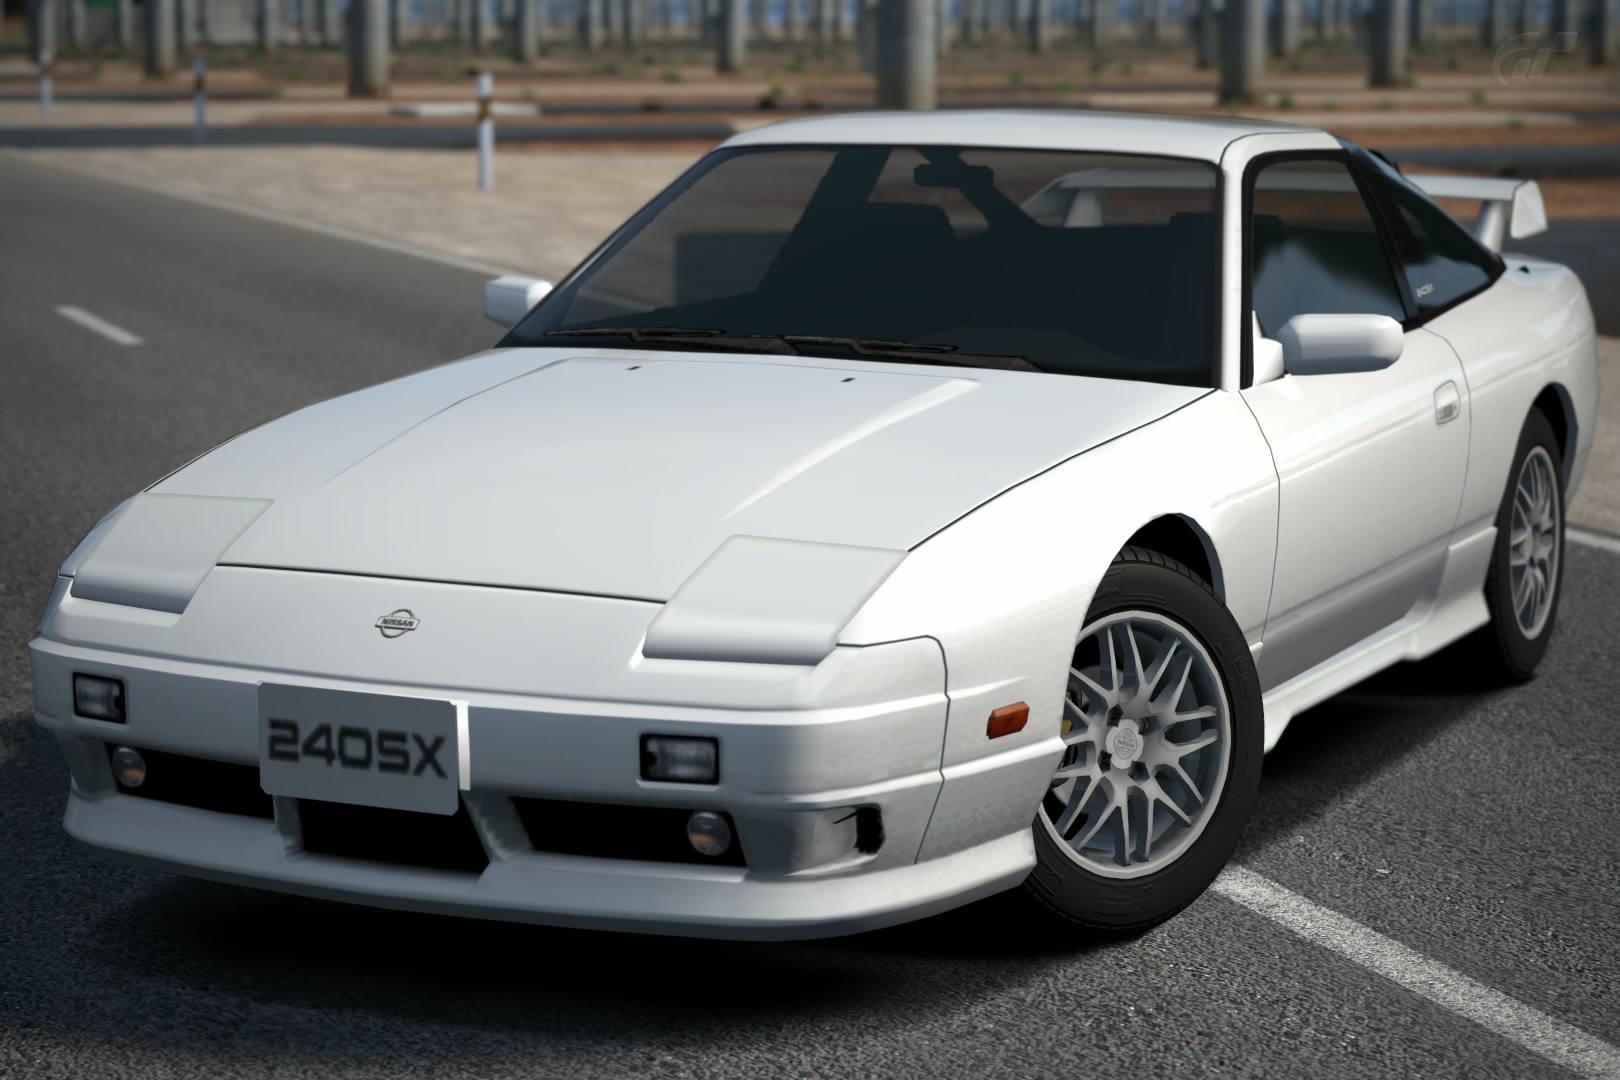 Nissan 240sx 96 gran turismo wiki fandom powered by wikia nissan 240sx 96 sciox Choice Image